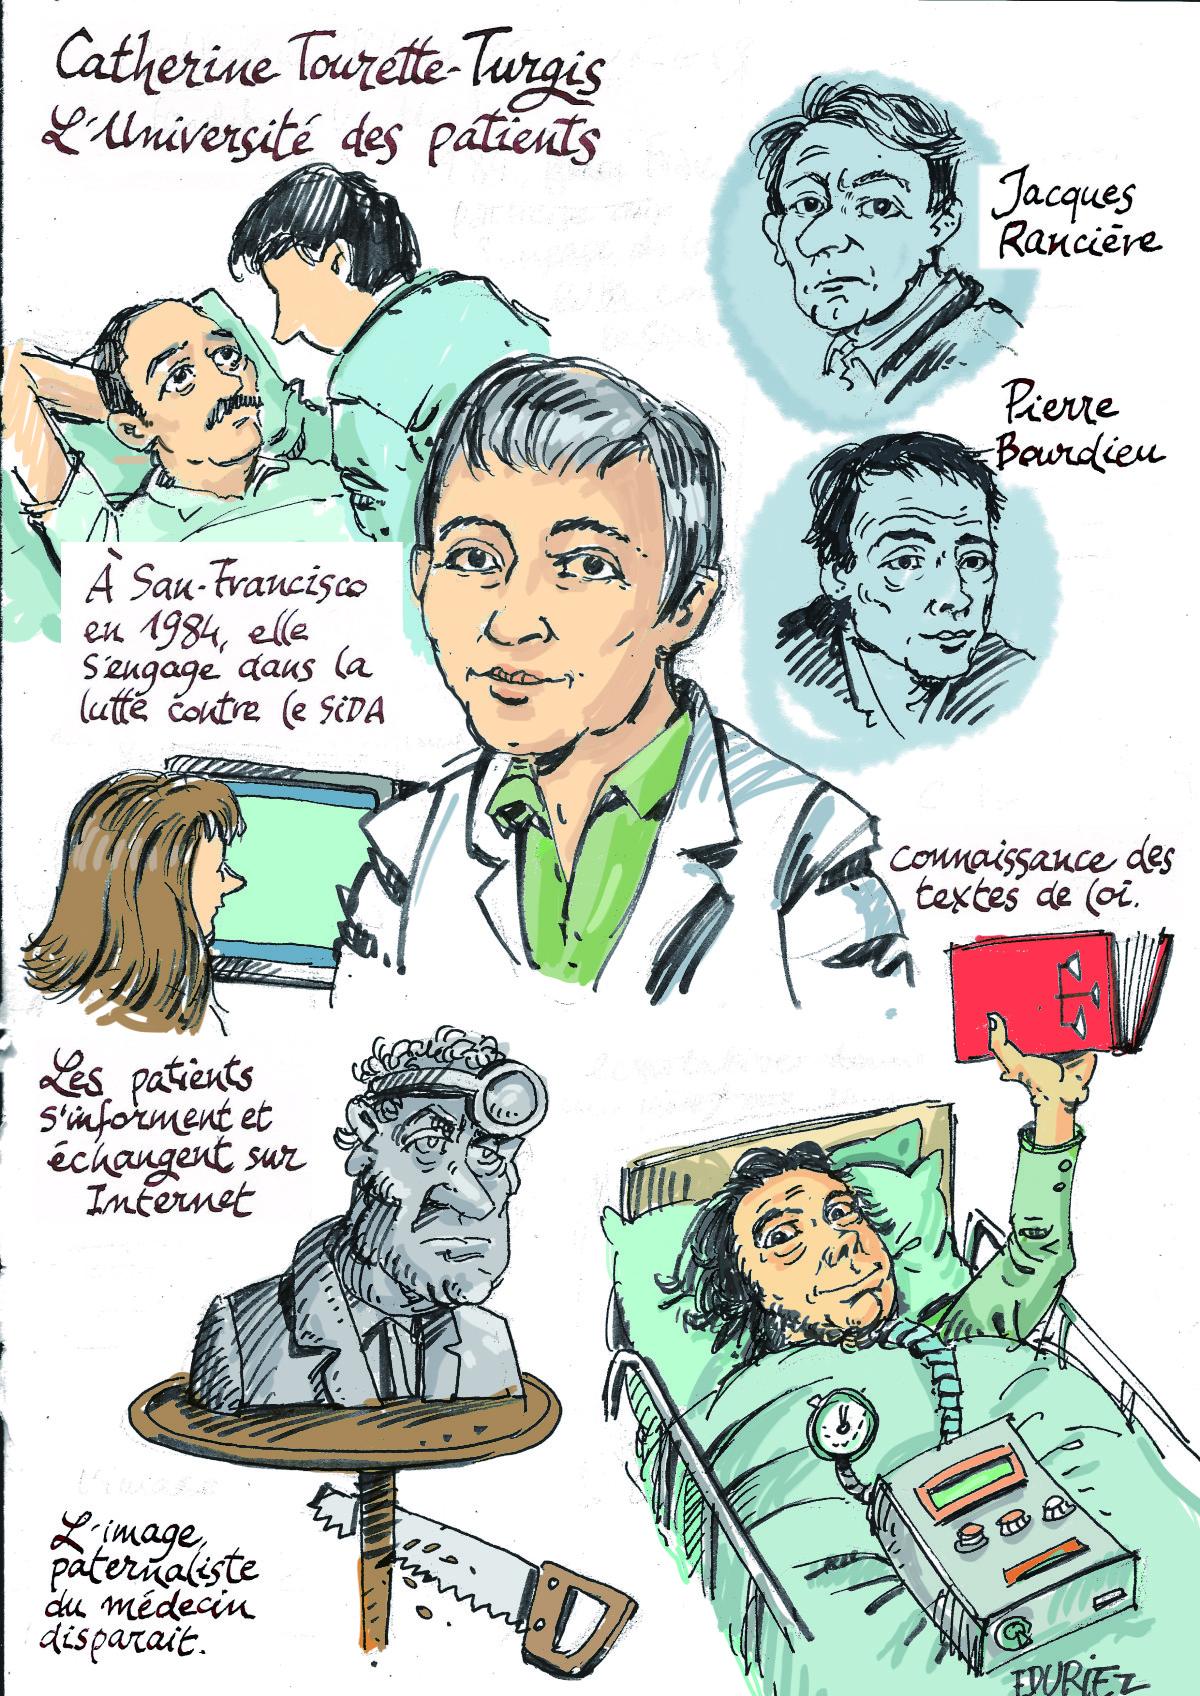 Catherine Tourette-Turgis - quelques sources d'engagement pour l'expression des patients